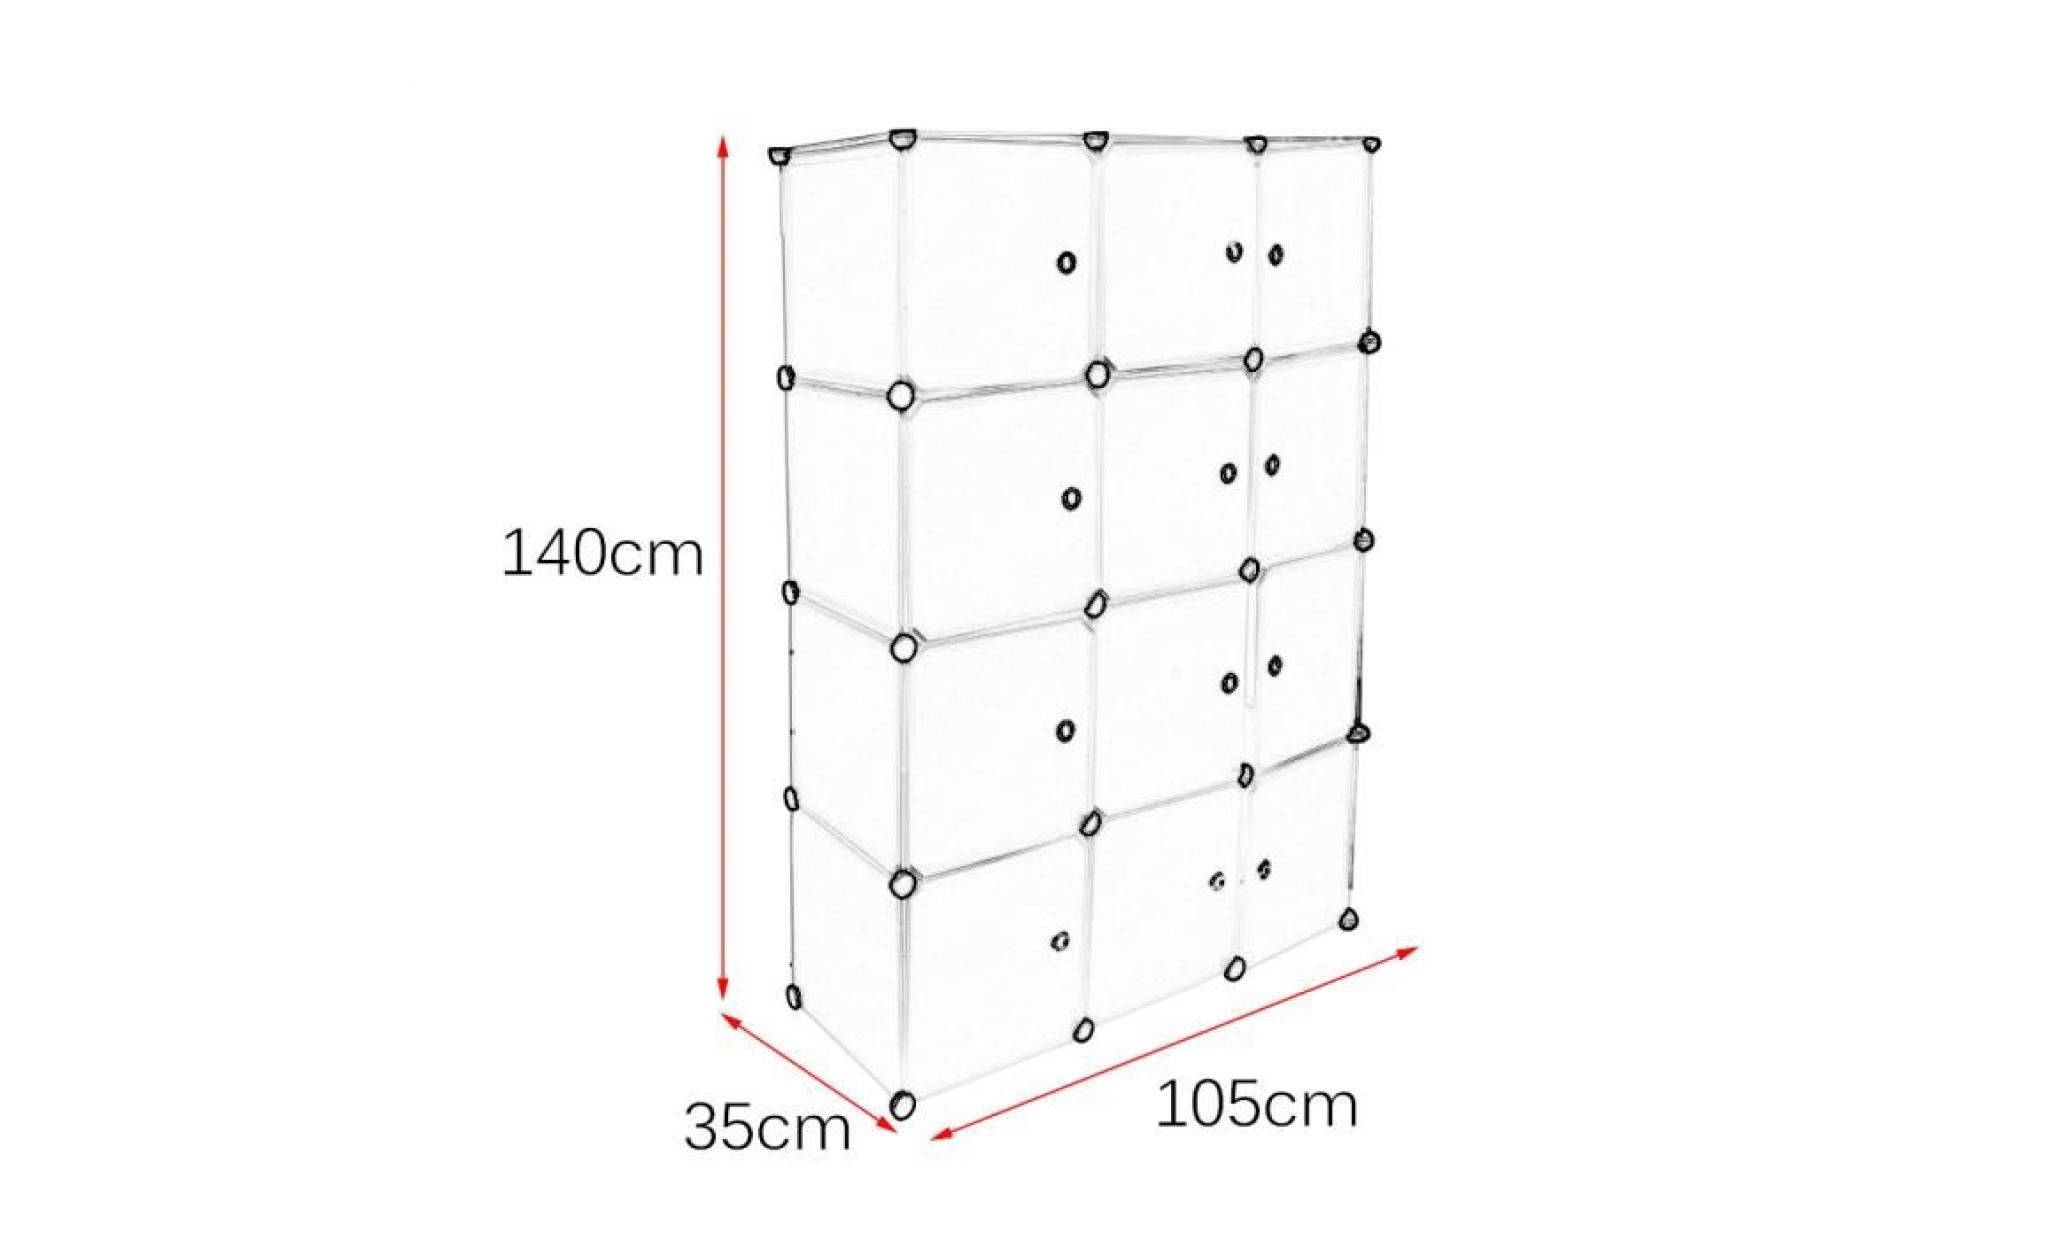 12 grilles armoires resine avec portes meuble de rangement etageres extra large diy pour vetements chambre blanc achat vente armoire pas cher couleur et design fr